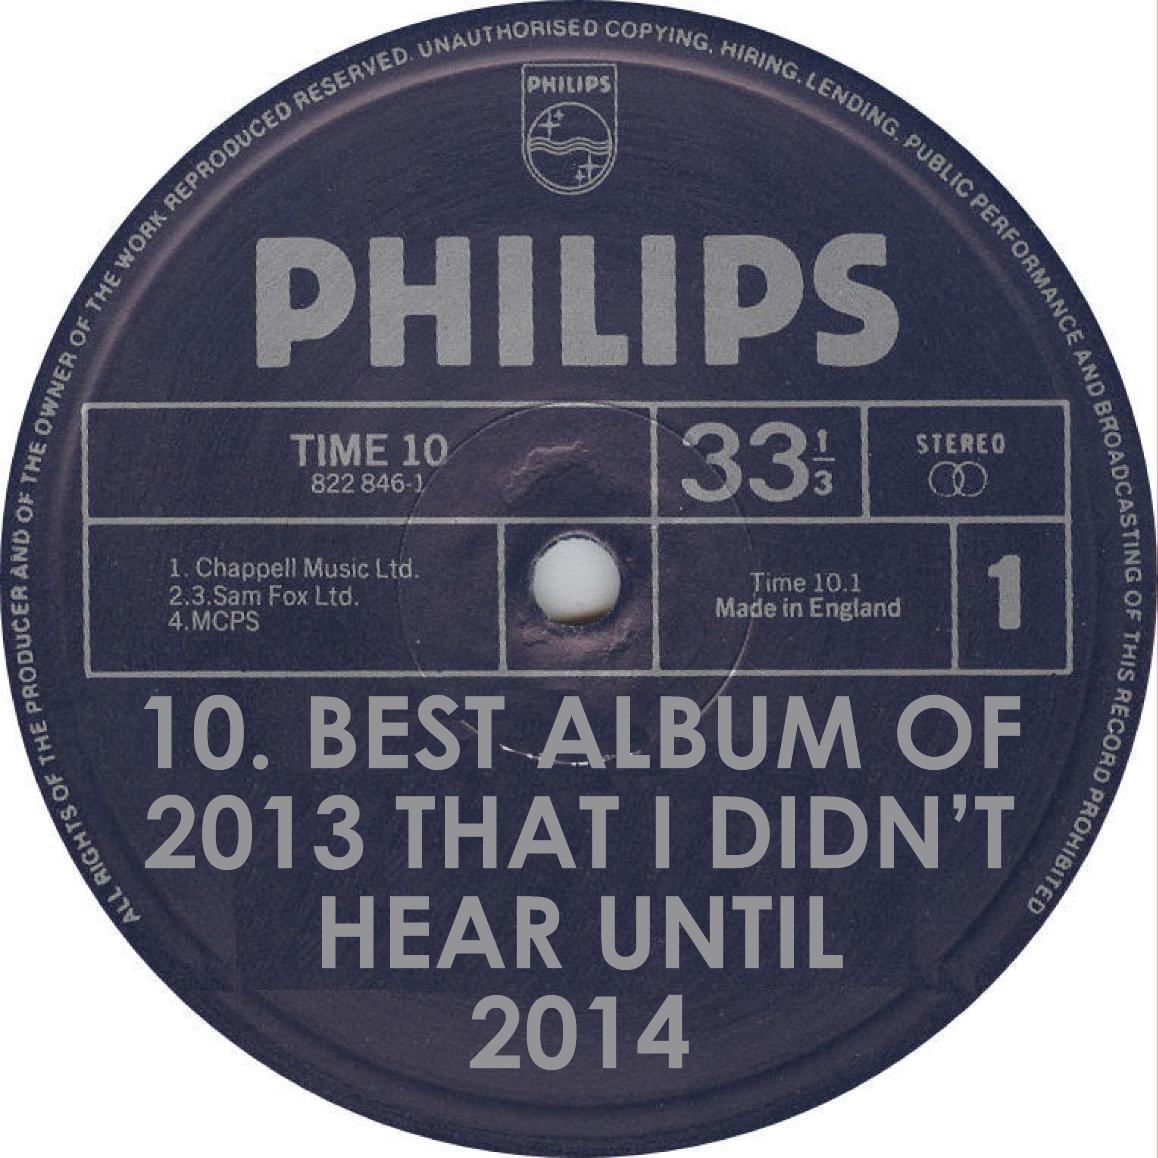 VA Best 2013 Album I Didn't Hear Until 2014 Philips Records Label